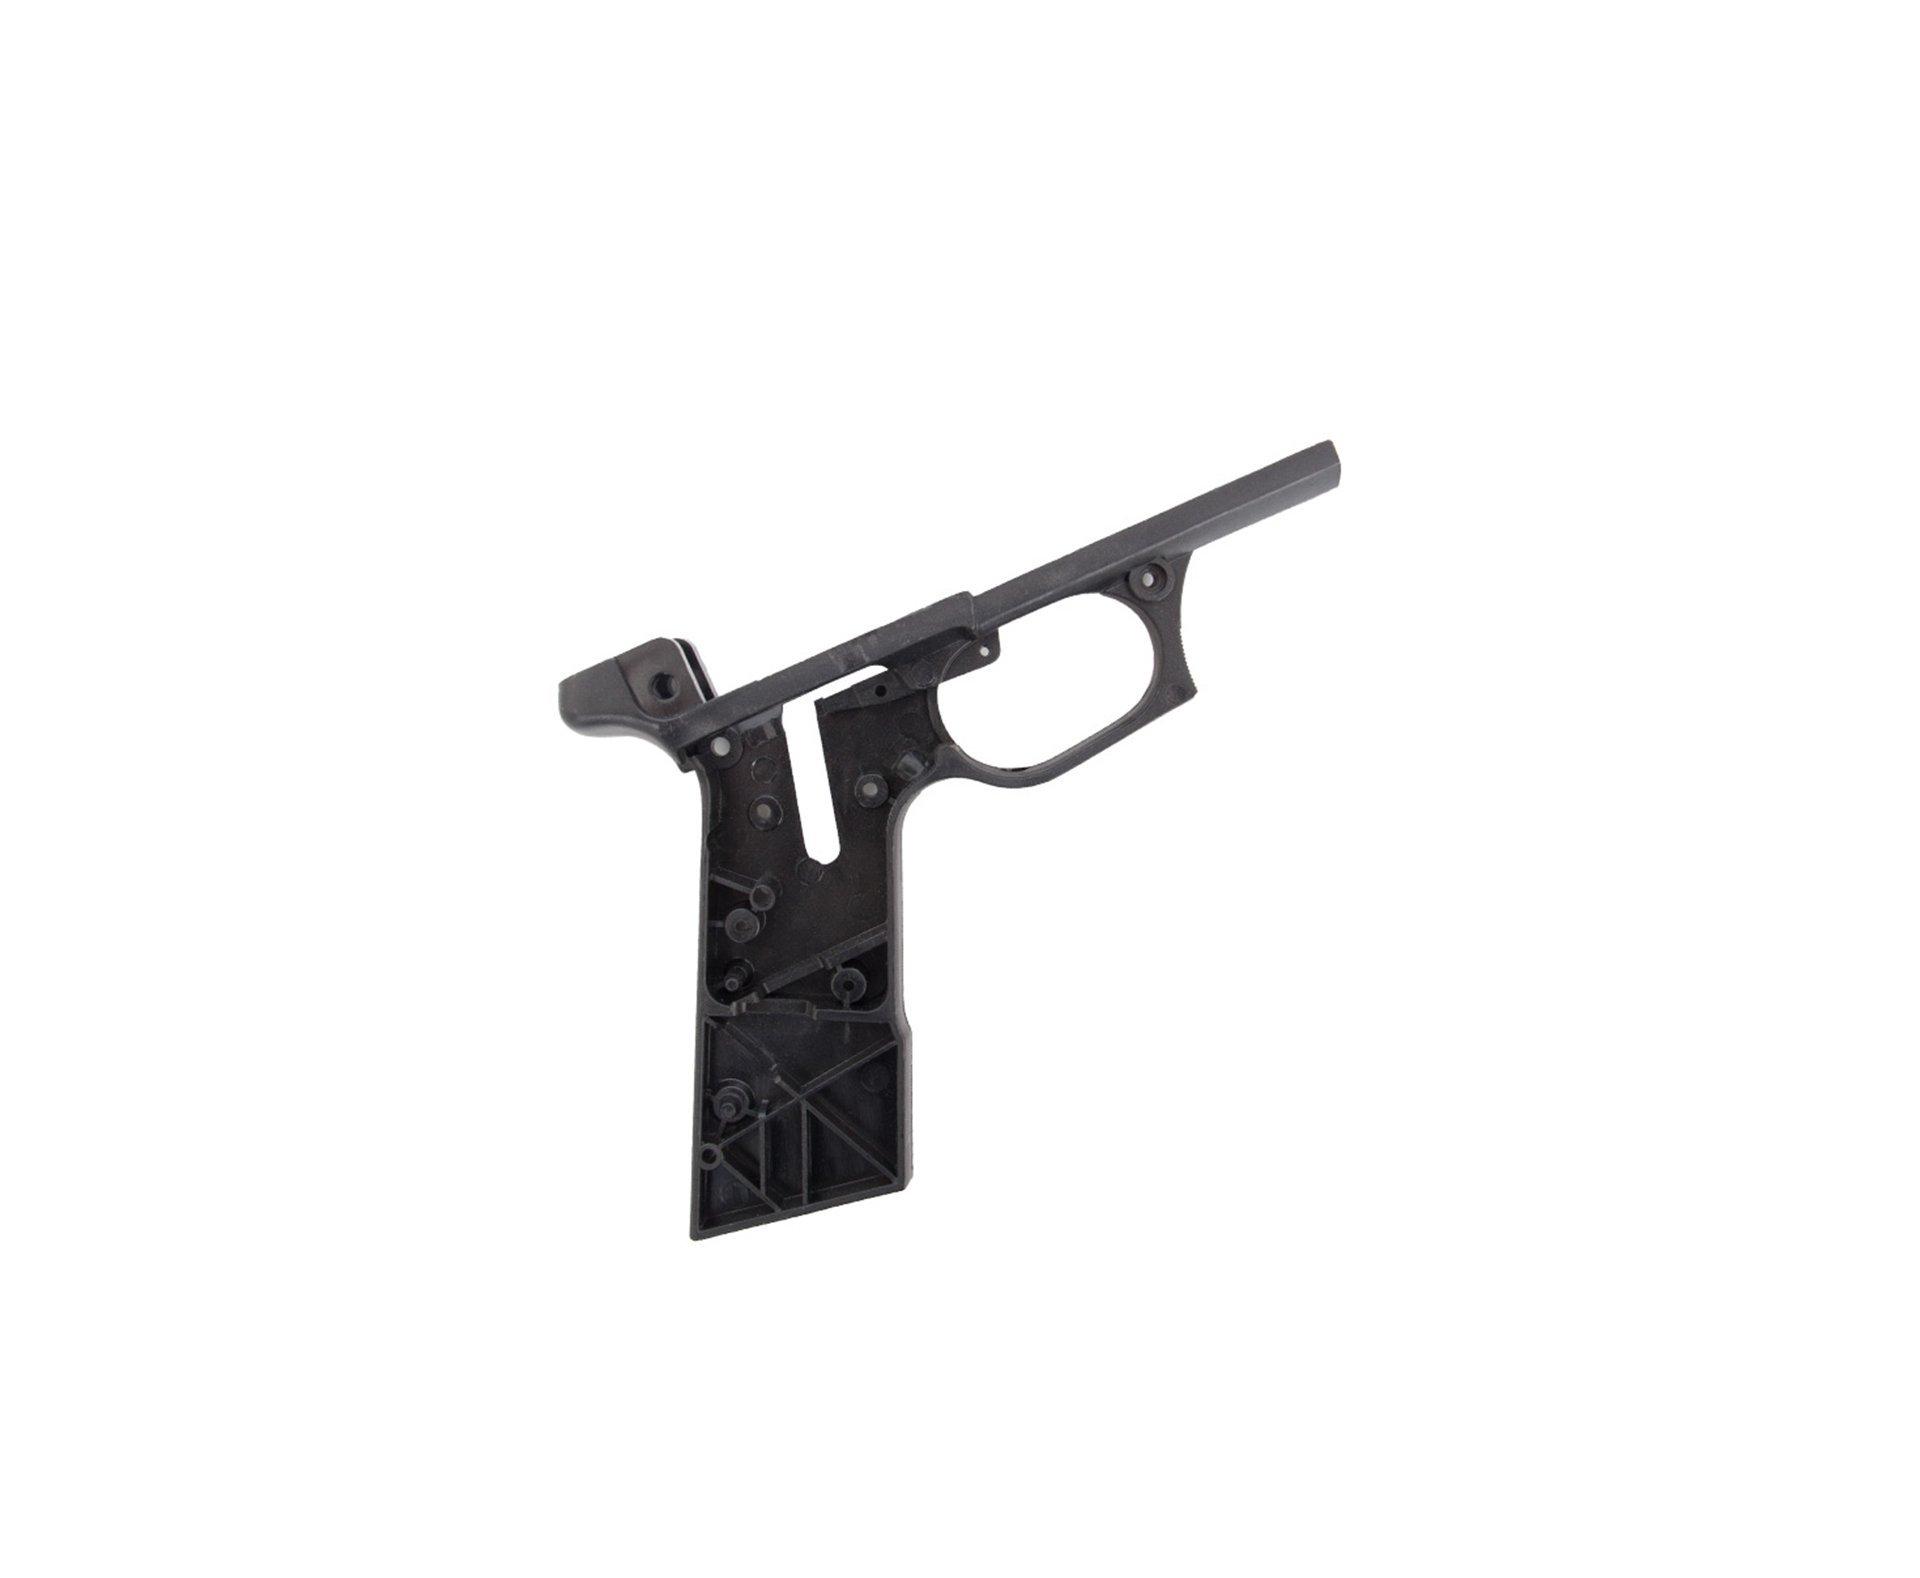 Empunhadura Pistola Gamo Compact